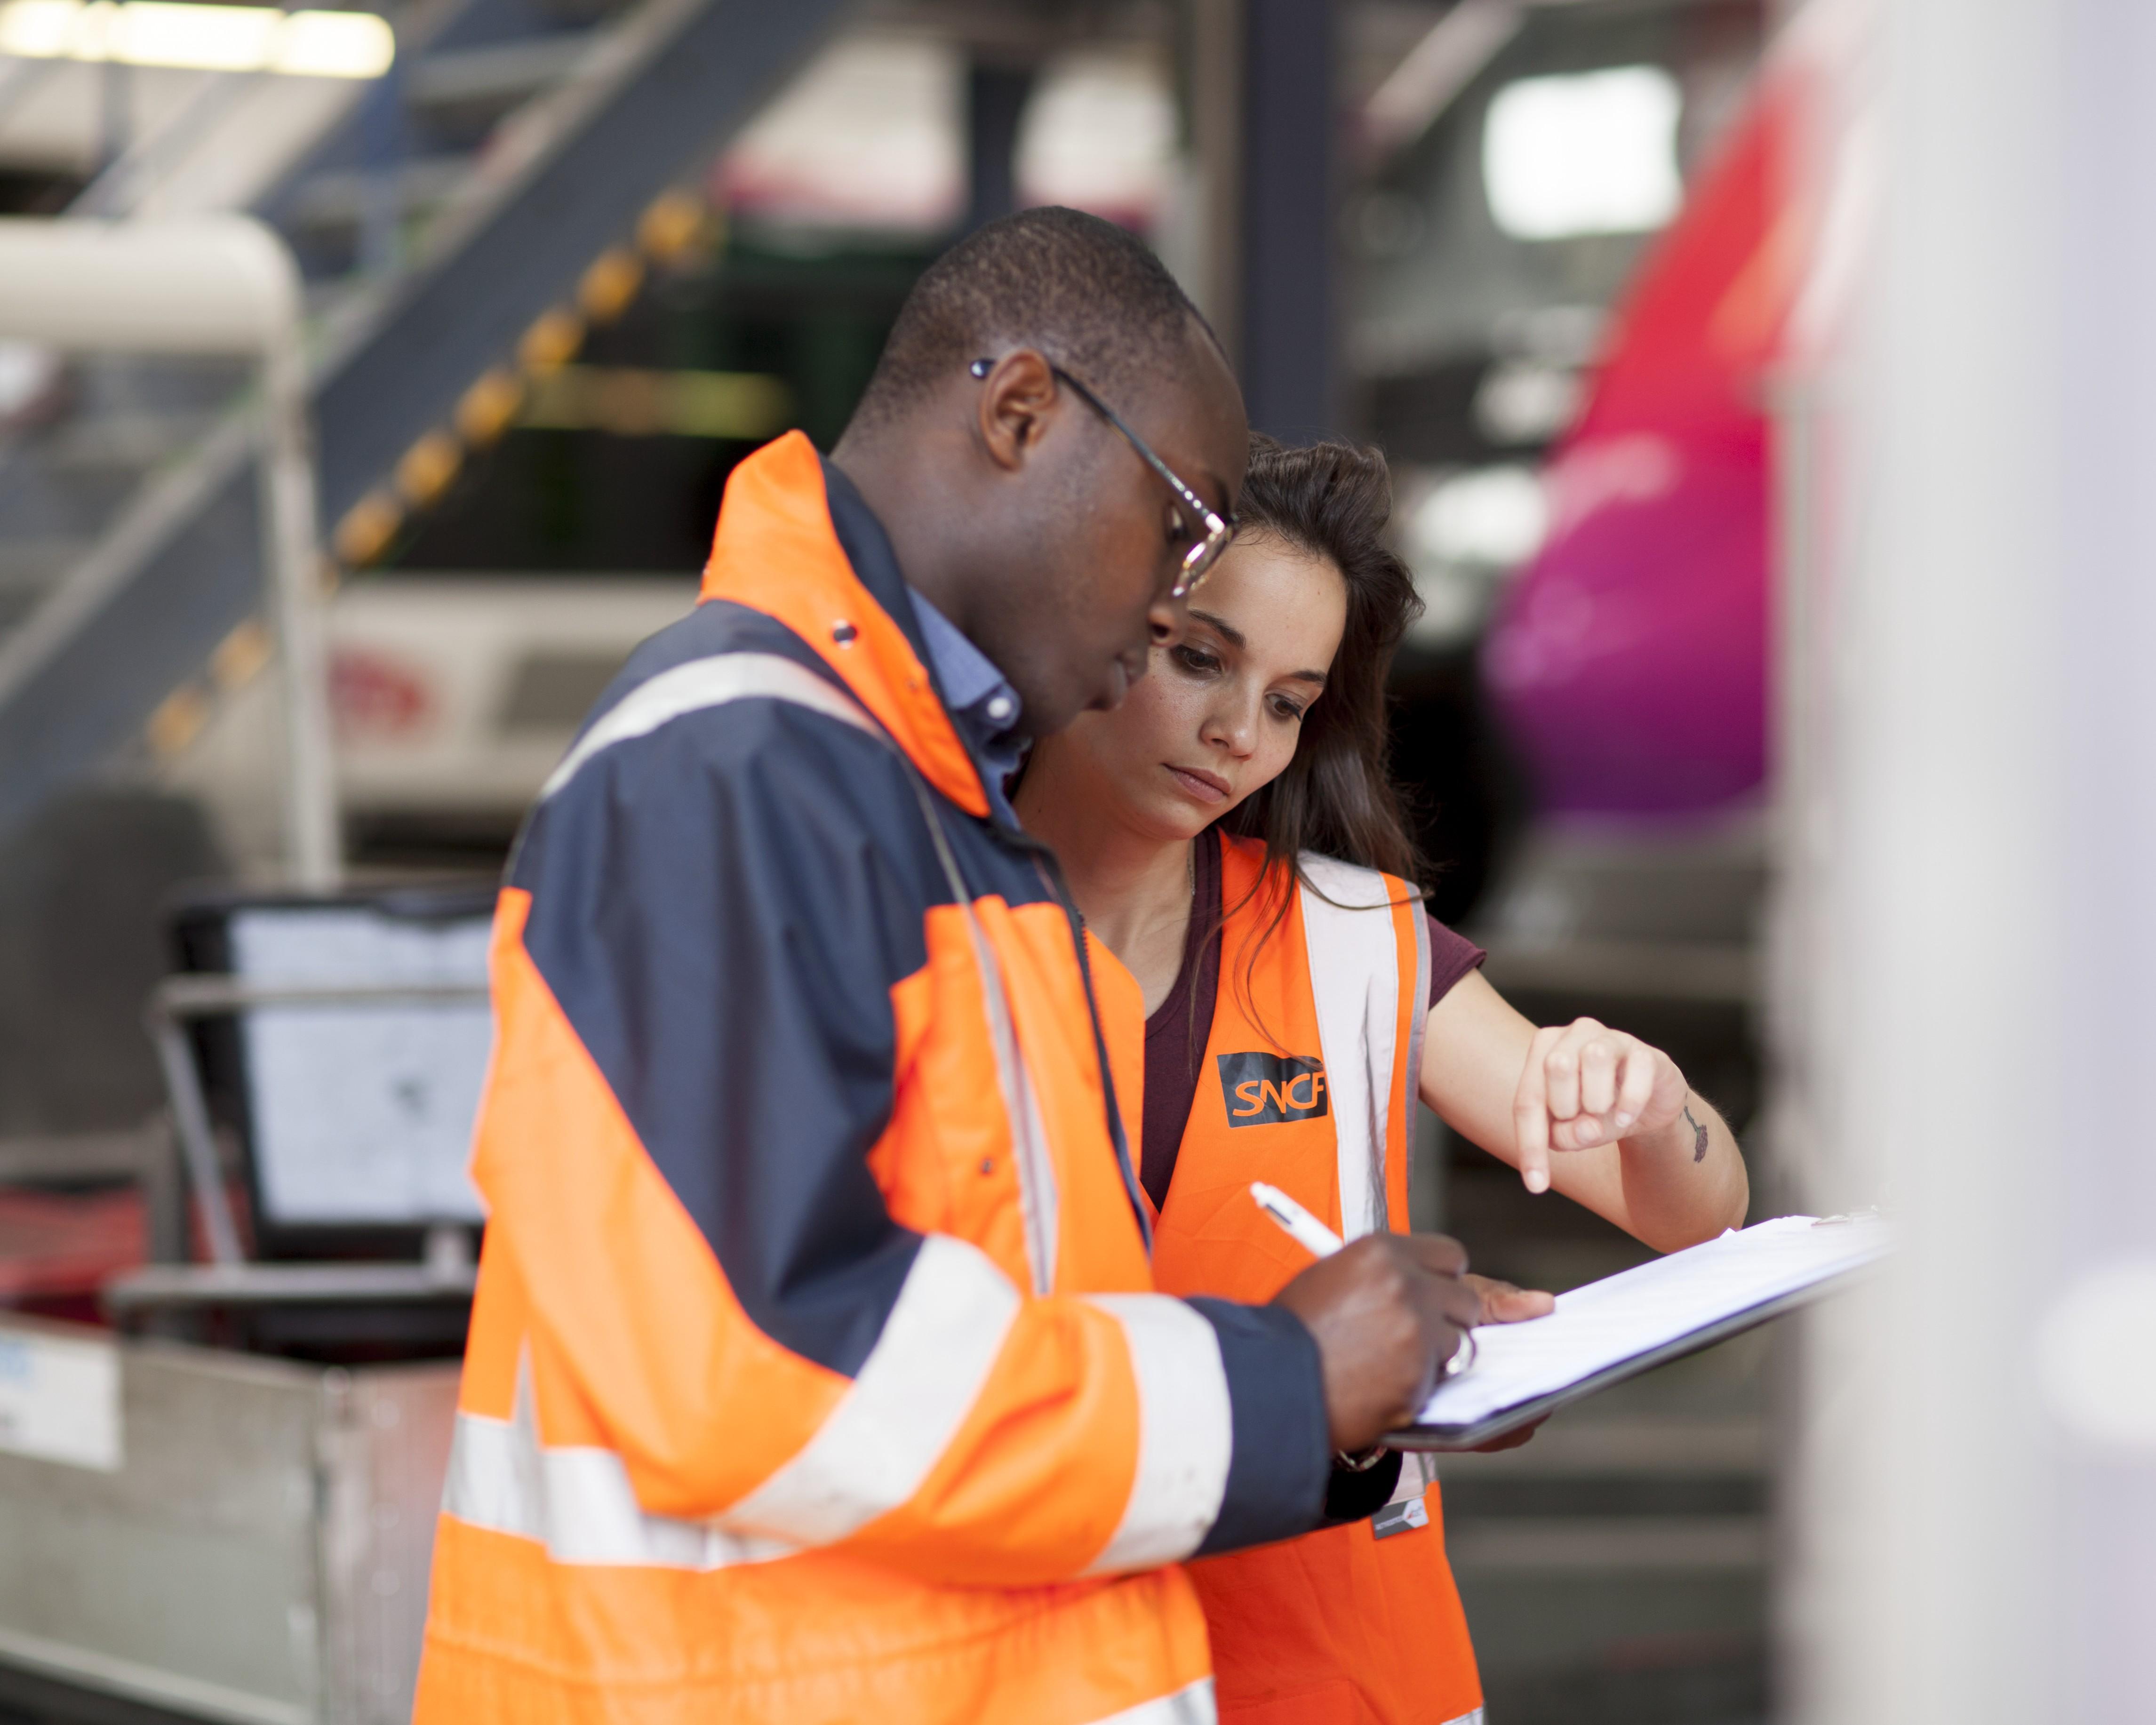 Participez à la qualité de l'expérience des voyageurs en rejoignant nos centres de maintenance des trains.